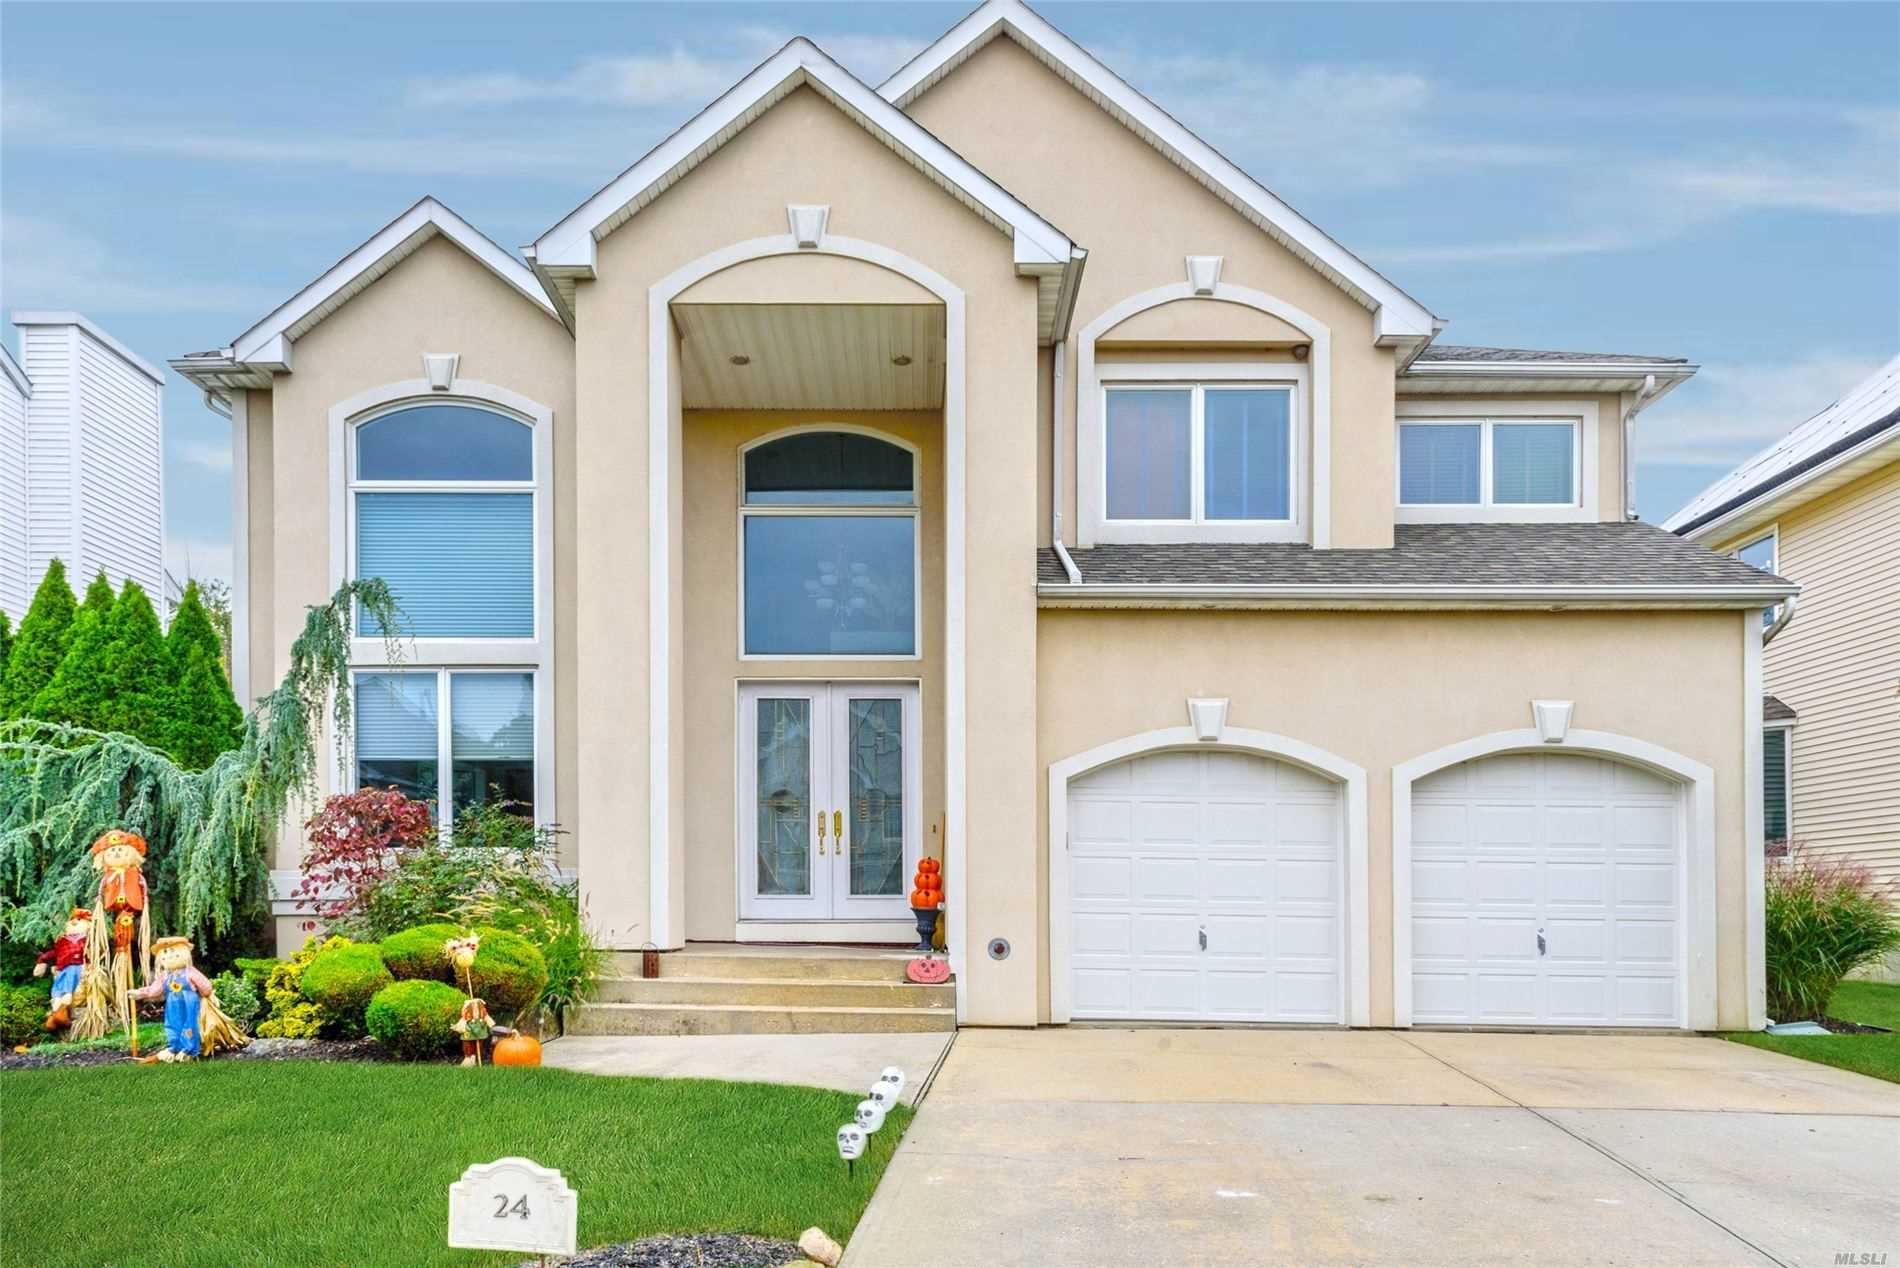 24 Crescent Cove Cir, Seaford, NY 11783 - MLS#: 3233659